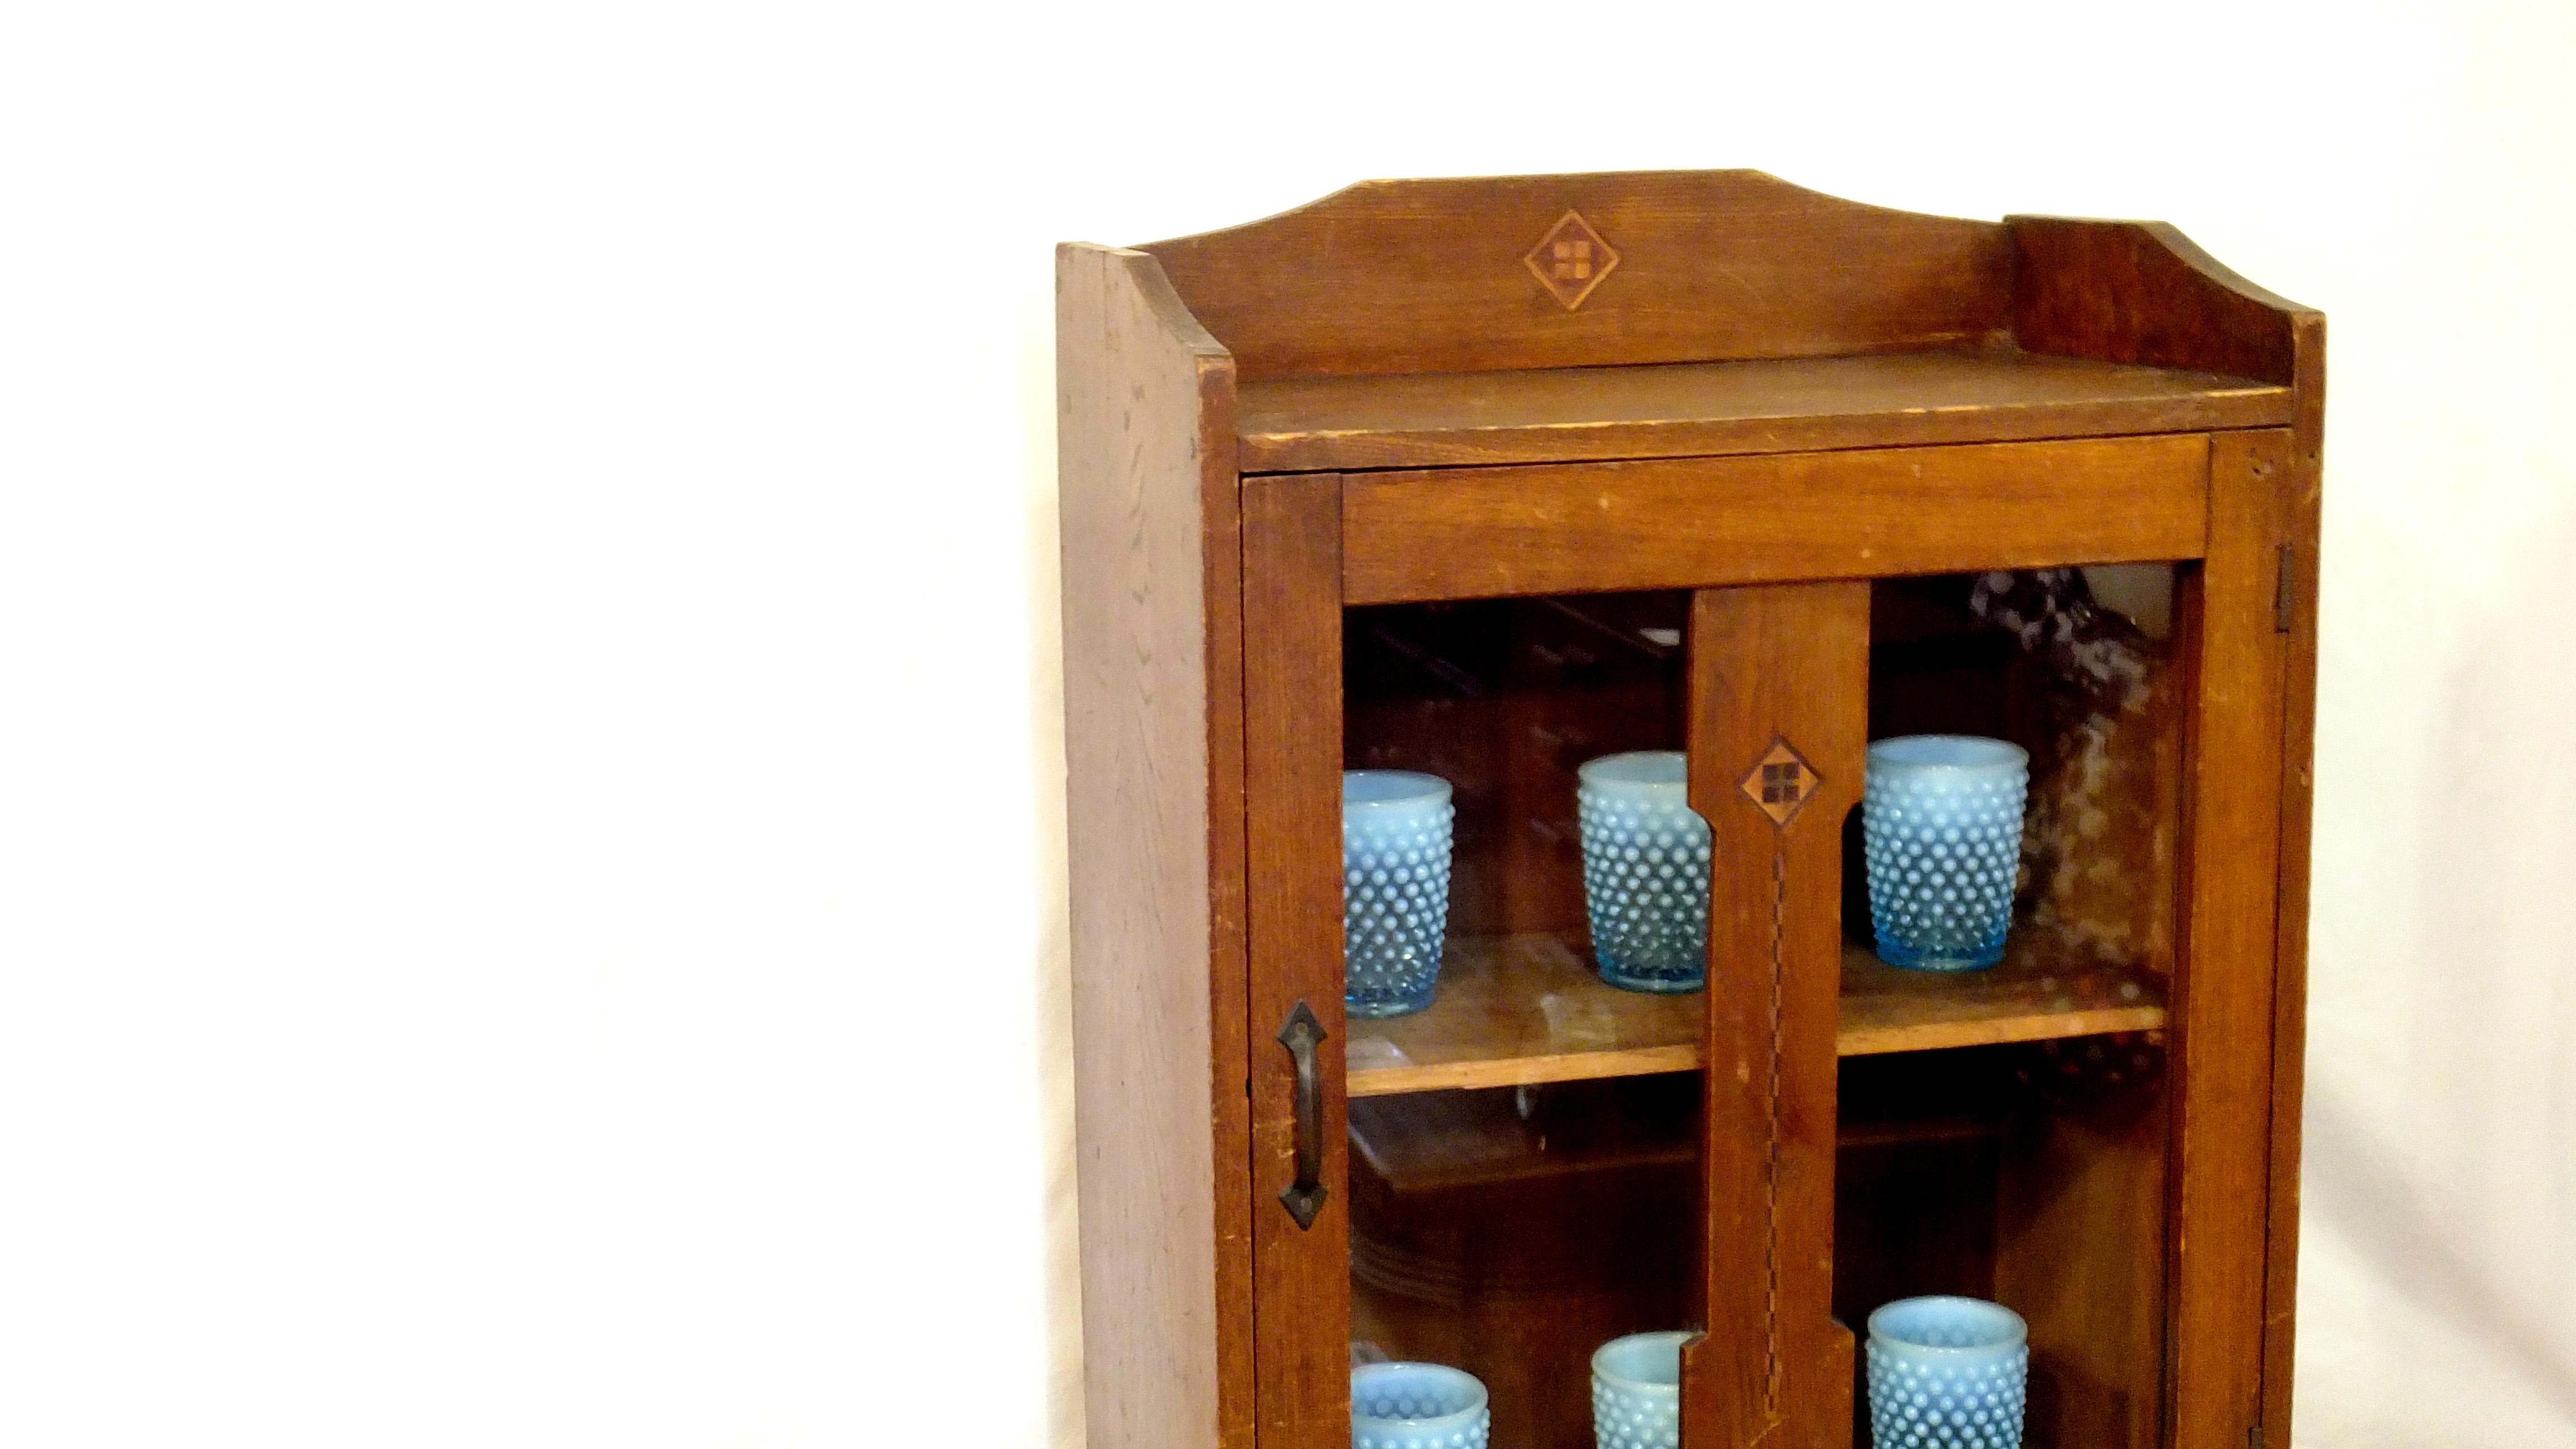 日本のアンティークキャビネット。回顧的なデザインや、長い年月を経て生まれた木の深みを味わえるお品物。時代を感じさせる佇まい、扉の装飾の仕様は昔ながらのものになります。食器の収納はもちろん、小ぶりなサイズ感ですのでお好きなインテリア雑貨などを収納して飾り棚としてお使い頂けるかと思います。和モダン、レトスタイル、古材インダストリアル系のインテリアに相性が良い雰囲気のあるレトロ棚。ガラスにヒビや曇りなどもなくまだまだご使用頂けます。店舗やカフェの什器としてもおすすめです。お探しだった方は、是非この機会にいかがでしょうか。~【東京都杉並区阿佐ヶ谷北アンティークショップ 古一/ZACK高円寺店】 古一では出張無料買取も行っております。杉並区周辺はもちろん、世田谷区・目黒区・武蔵野市・新宿区等の東京近郊のお見積もりも!ビンテージ家具・インテリア雑貨・ランプ・USED品・ リサイクルなら古一へ~,ユーズド, リサイクル,ふるいち,古市,フルイチ,used,furuichi